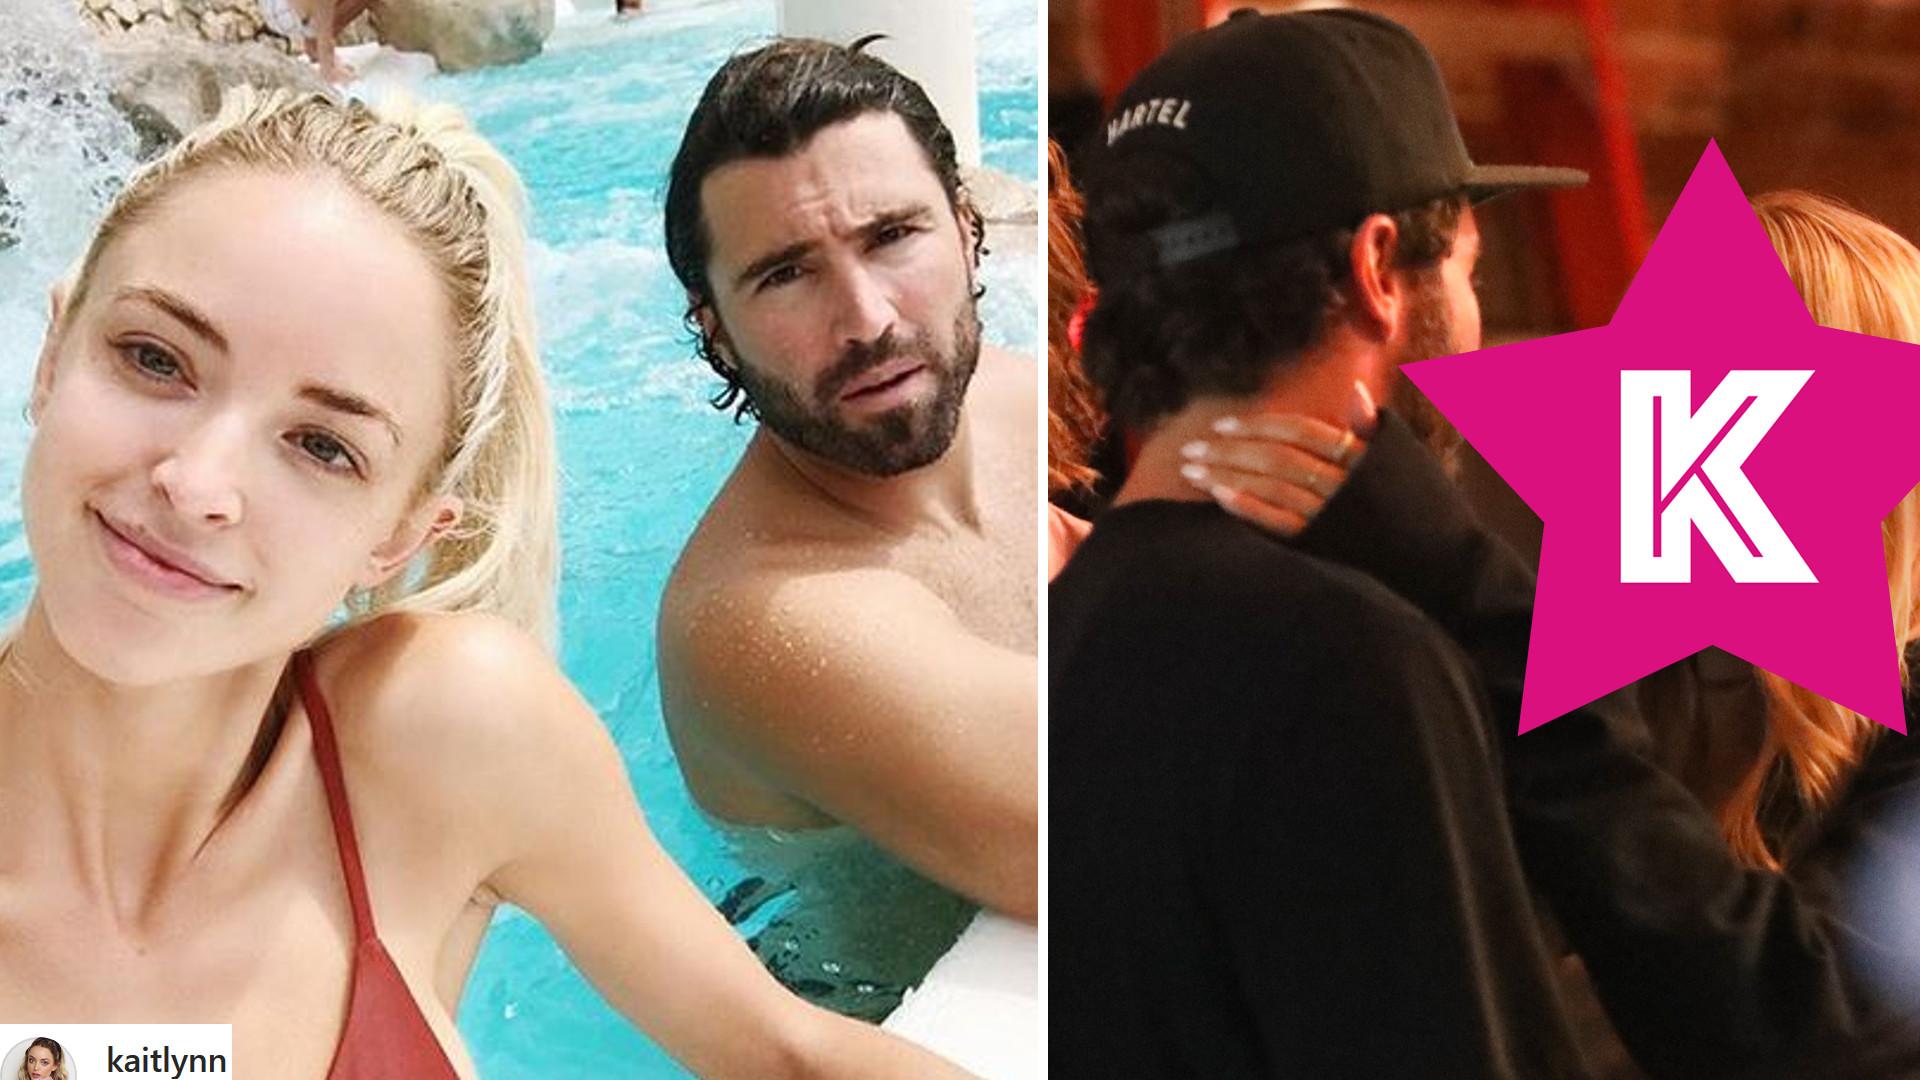 Mąż Kaitlynn Carter, Brody Jenner już ma NOWĄ dziewczynę – jest piękna (ZDJĘCIA)